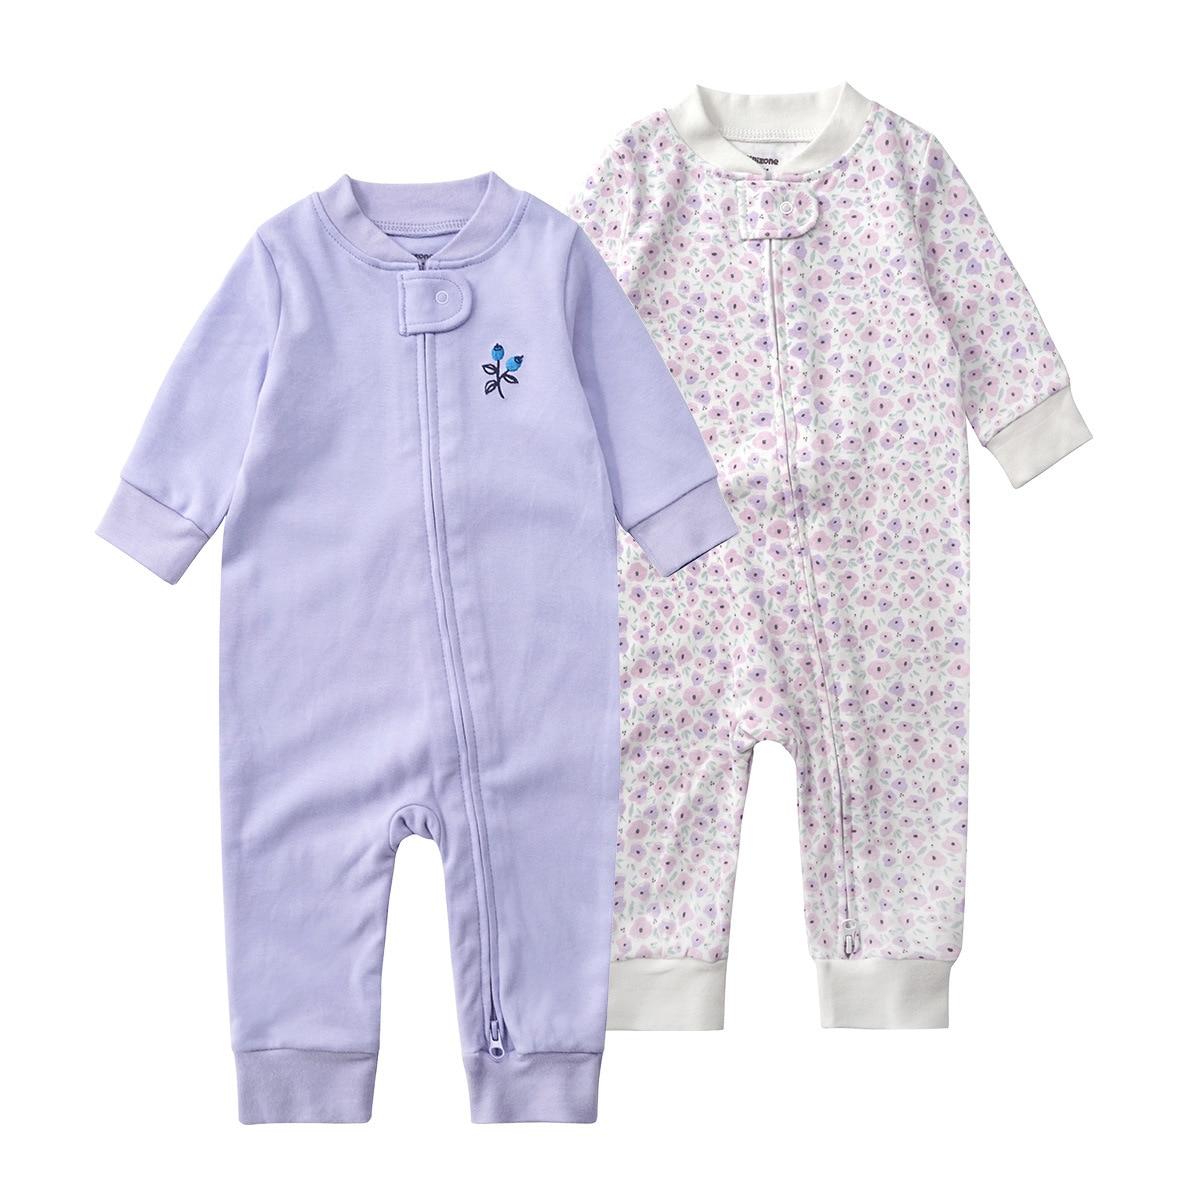 2 Ps/pack 2018 Neue Baby Kleidung Frühling Und Herbst Neugeborenen Baby Mädchen Romper Baumwolle Baby Overall Marken Baby Kleidung